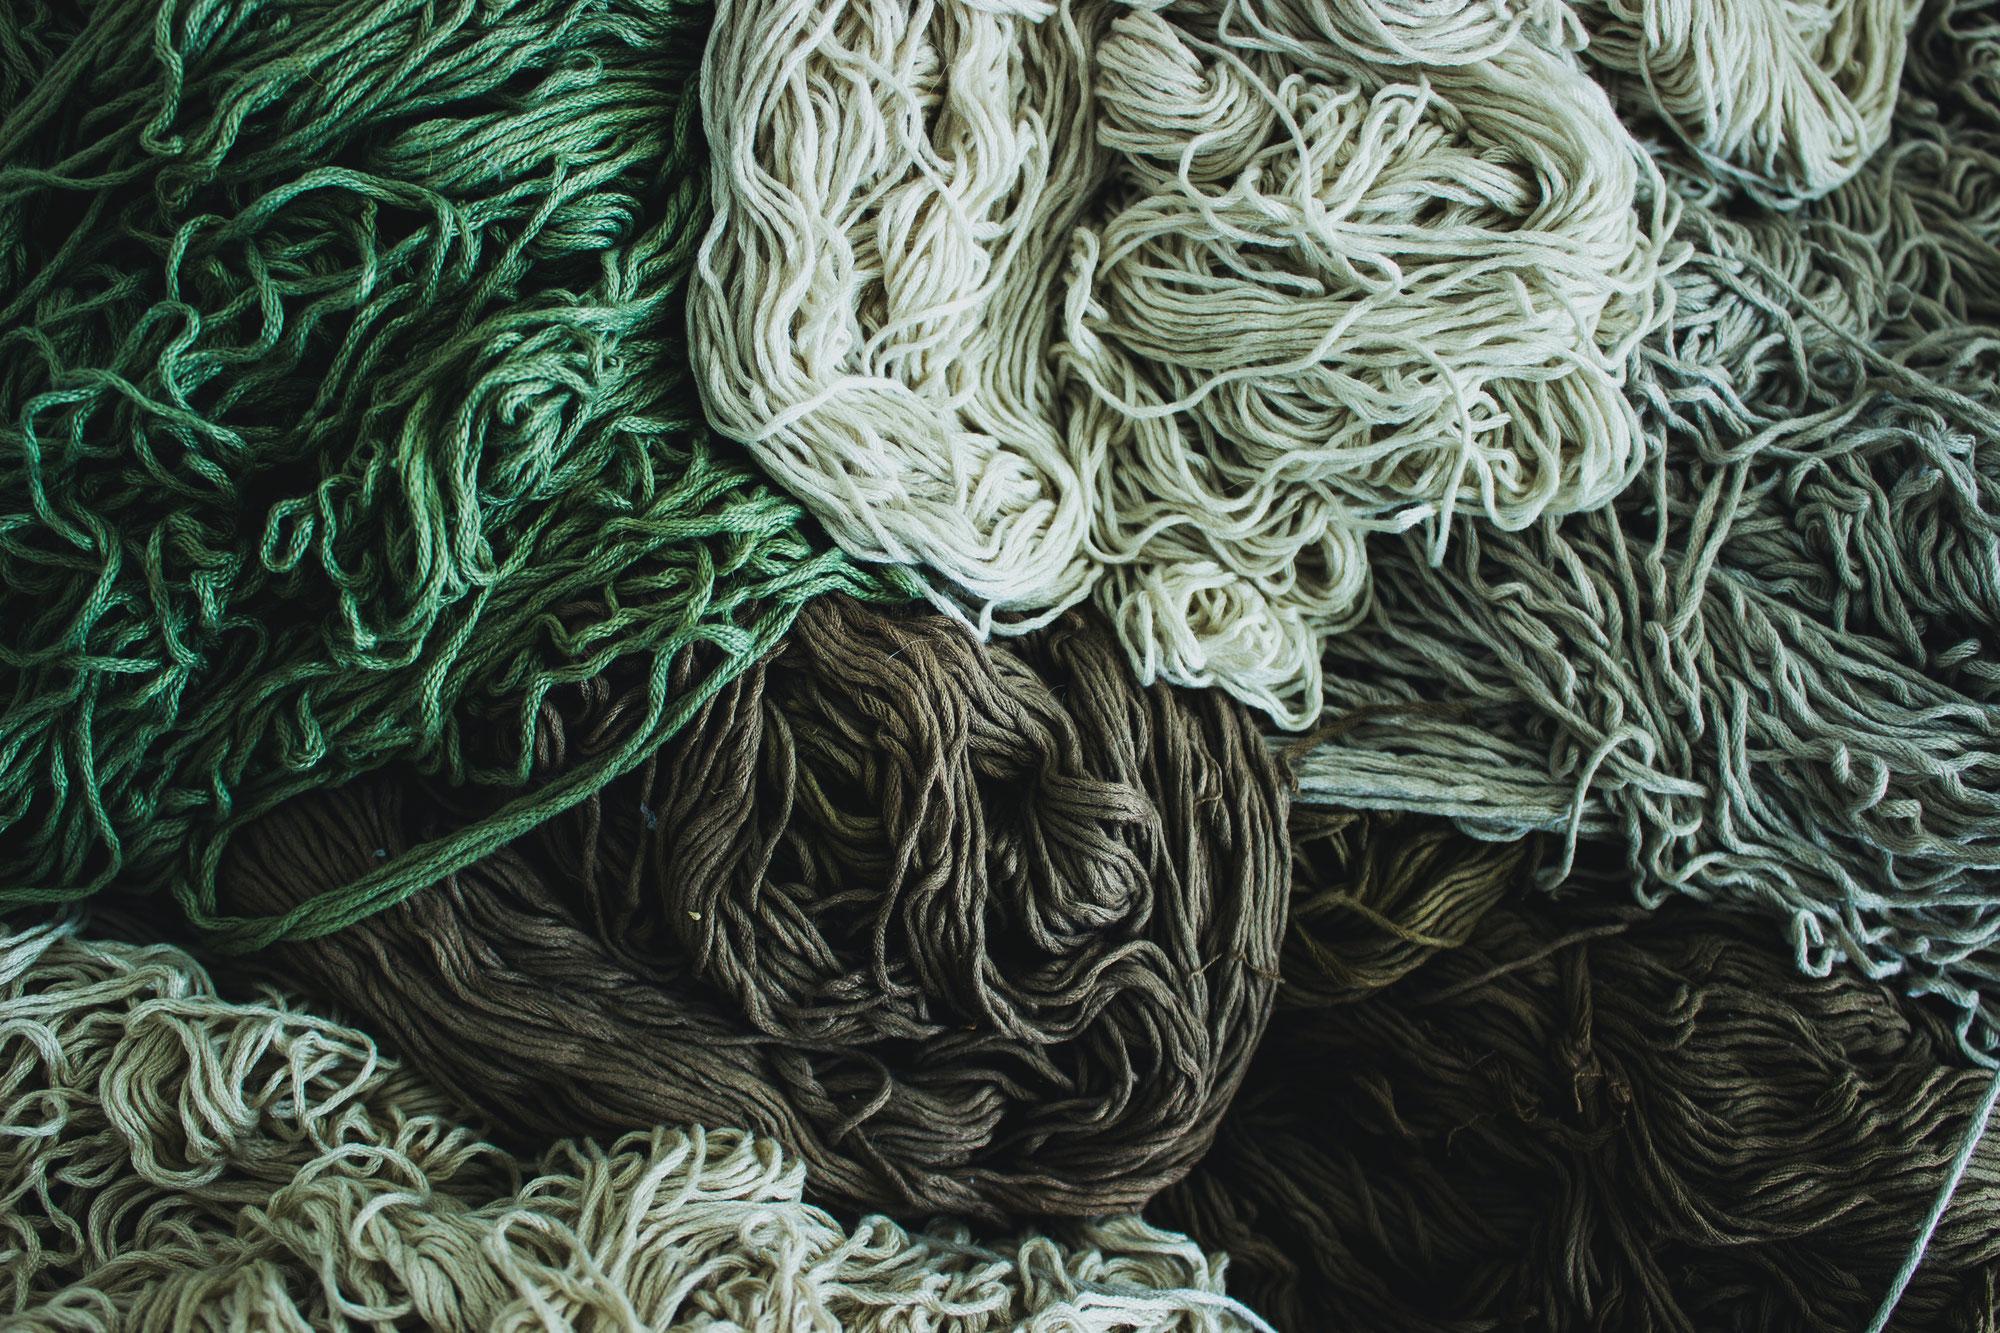 Atelier-journée teinture végétale de laine 24.04.21